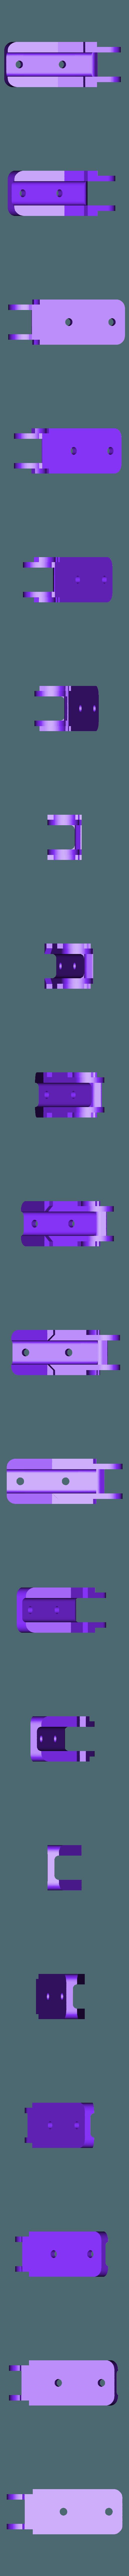 END1010.stl Télécharger fichier STL gratuit chaîne de traînage 10x10 • Design imprimable en 3D, raffosan